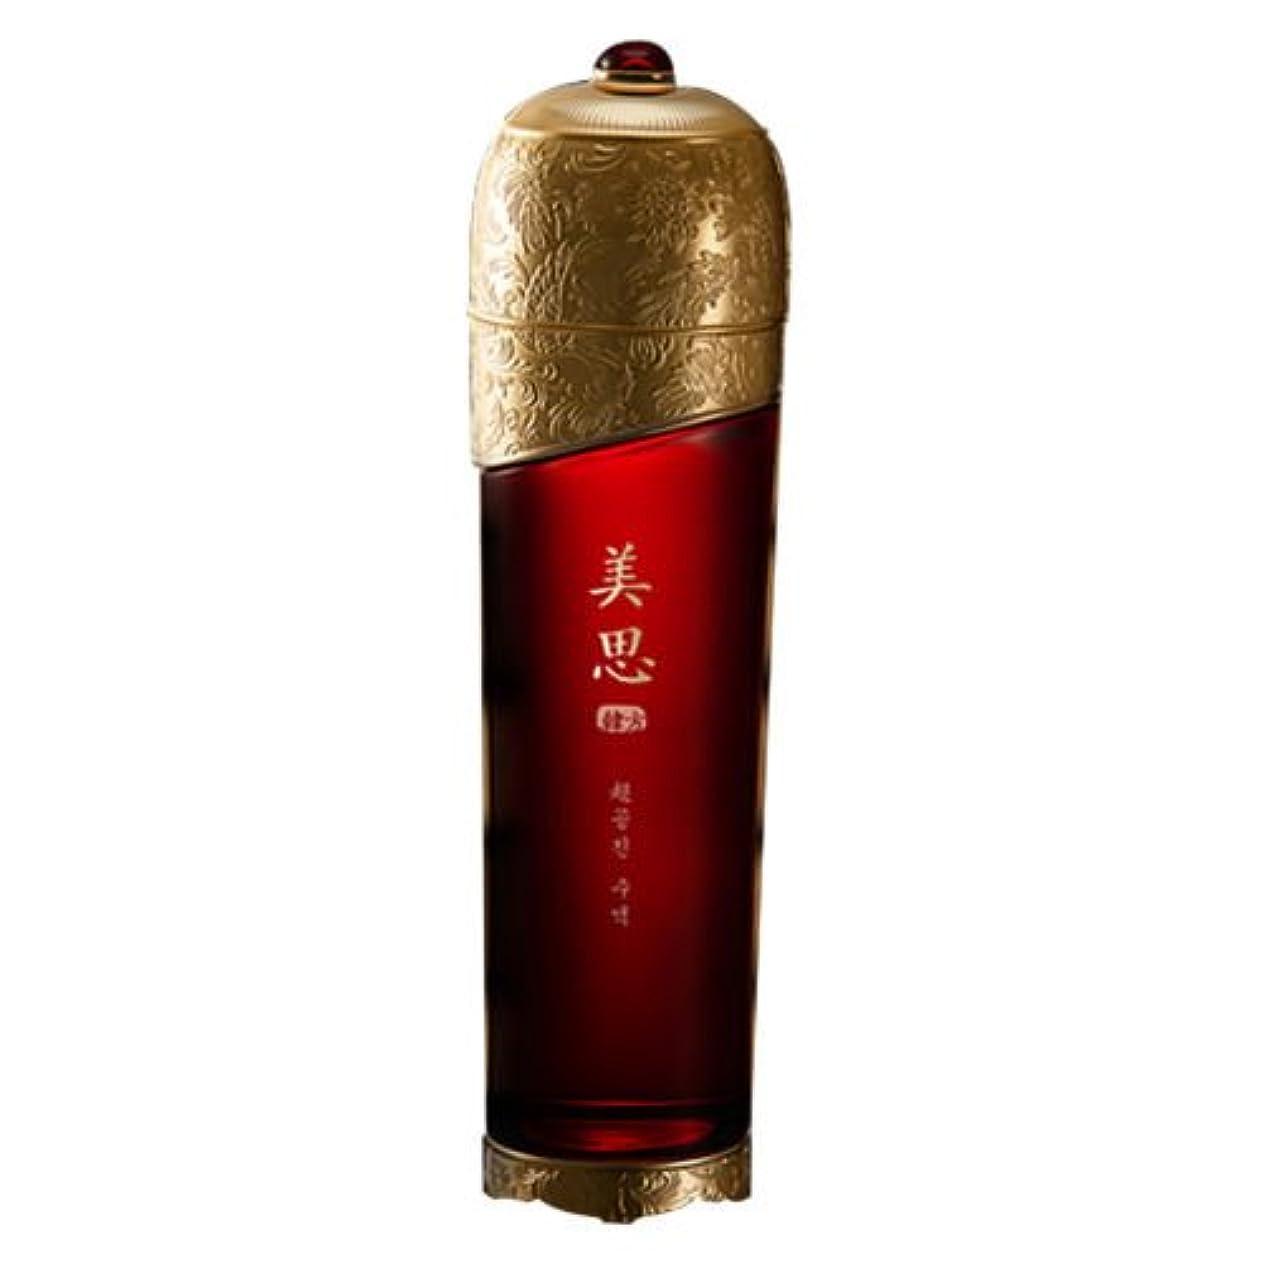 意見カウンターパートナットMISSHA(ミシャ)美思 韓方 旧チョボヤン (超)チョゴンジン 化粧水 基礎化粧品 スキンケア